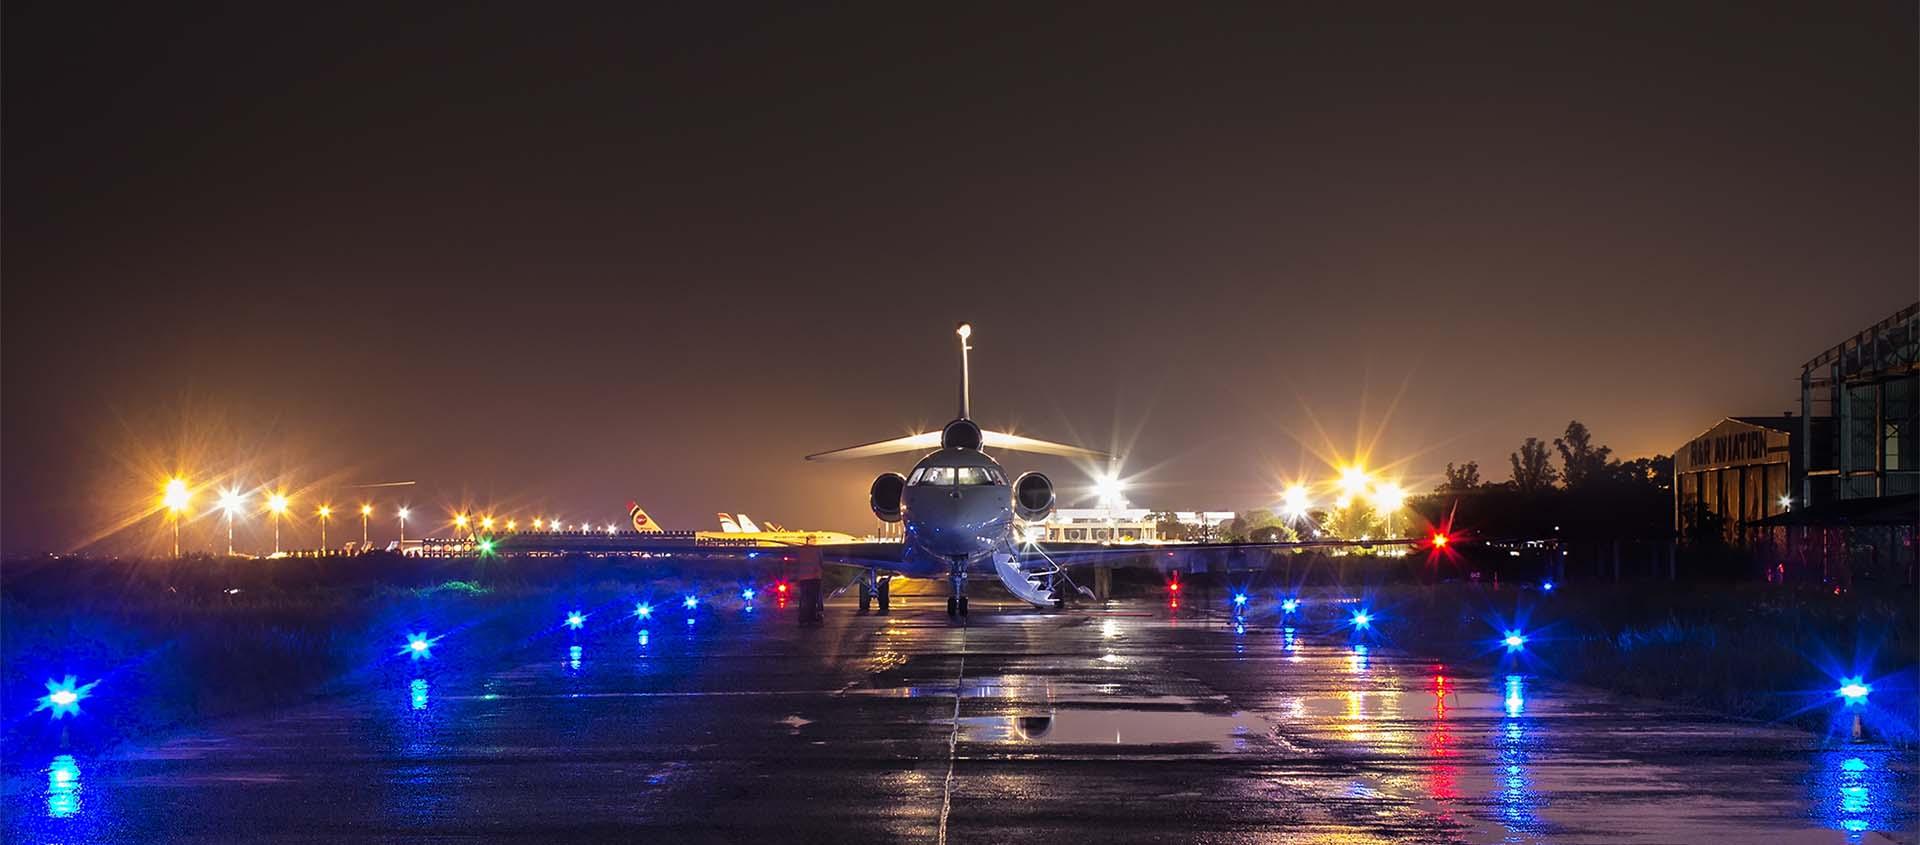 Carmanah Aeropuerto y Obstrucciones Adquisición